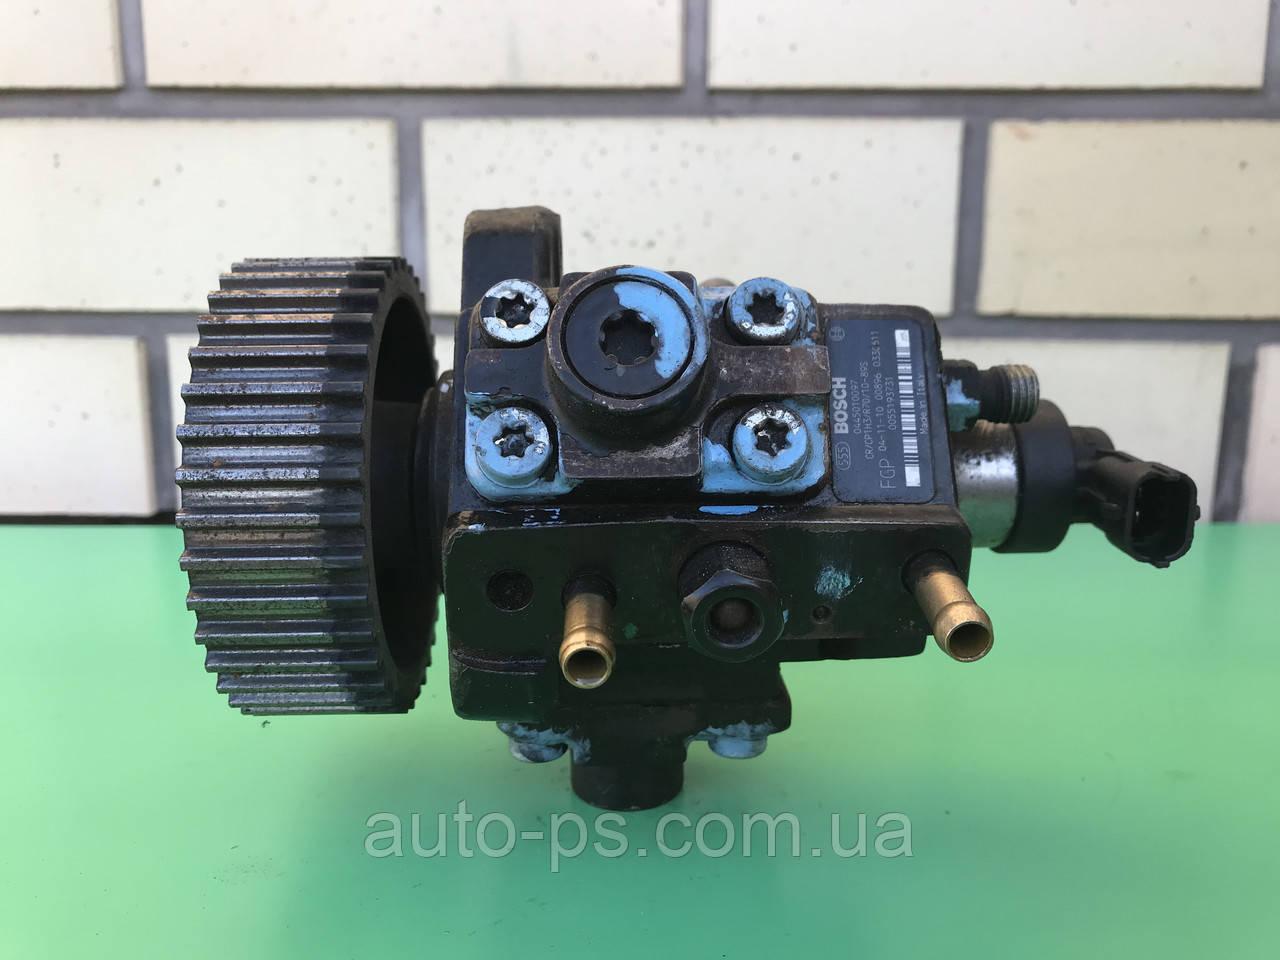 Топливный насос высокого давления (ТНВД) Fiat Sedici 1.9D Multijet 2006-2014 год